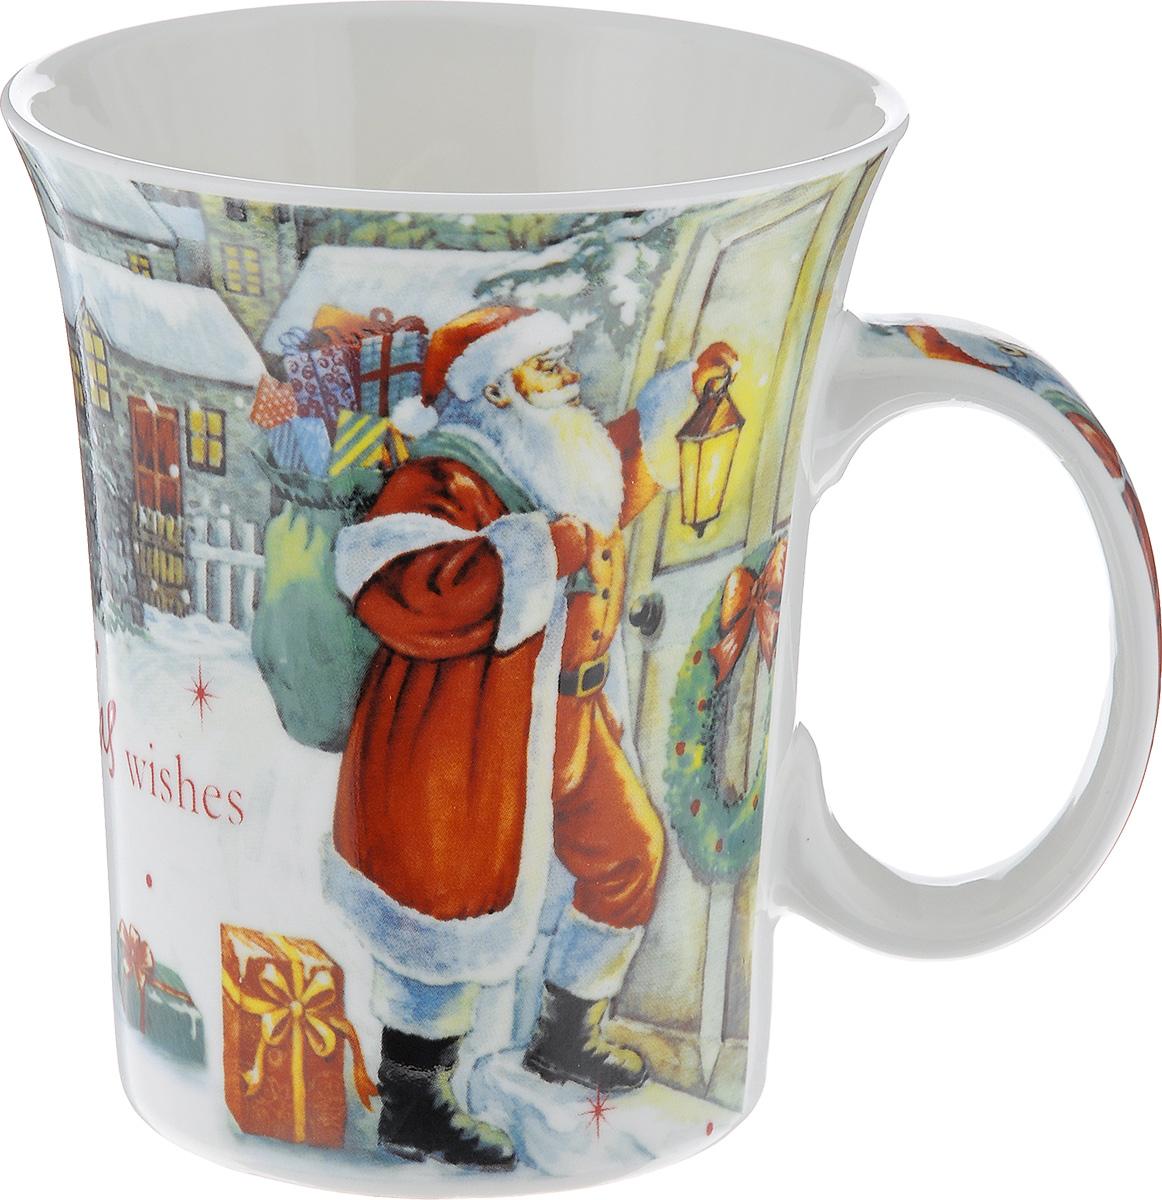 Кружка Lillo Дед Мороз, цвет: красный, белый, серый, 350 мл216041_Дед МорозКружка Lillo Дед Мороз выполнена из высококачественной керамики и оформлена красочными изображениями Деда Мороза на заснеженной улочке. Такая кружка сделает чаепитие еще приятнее и позволит почувствовать волшебство новогодних праздников. Может послужить приятным и практичным сувениром. Диаметр чашки по верхнему краю: 8 см. Высота чашки: 10 см. Объем чашки: 350 мл.